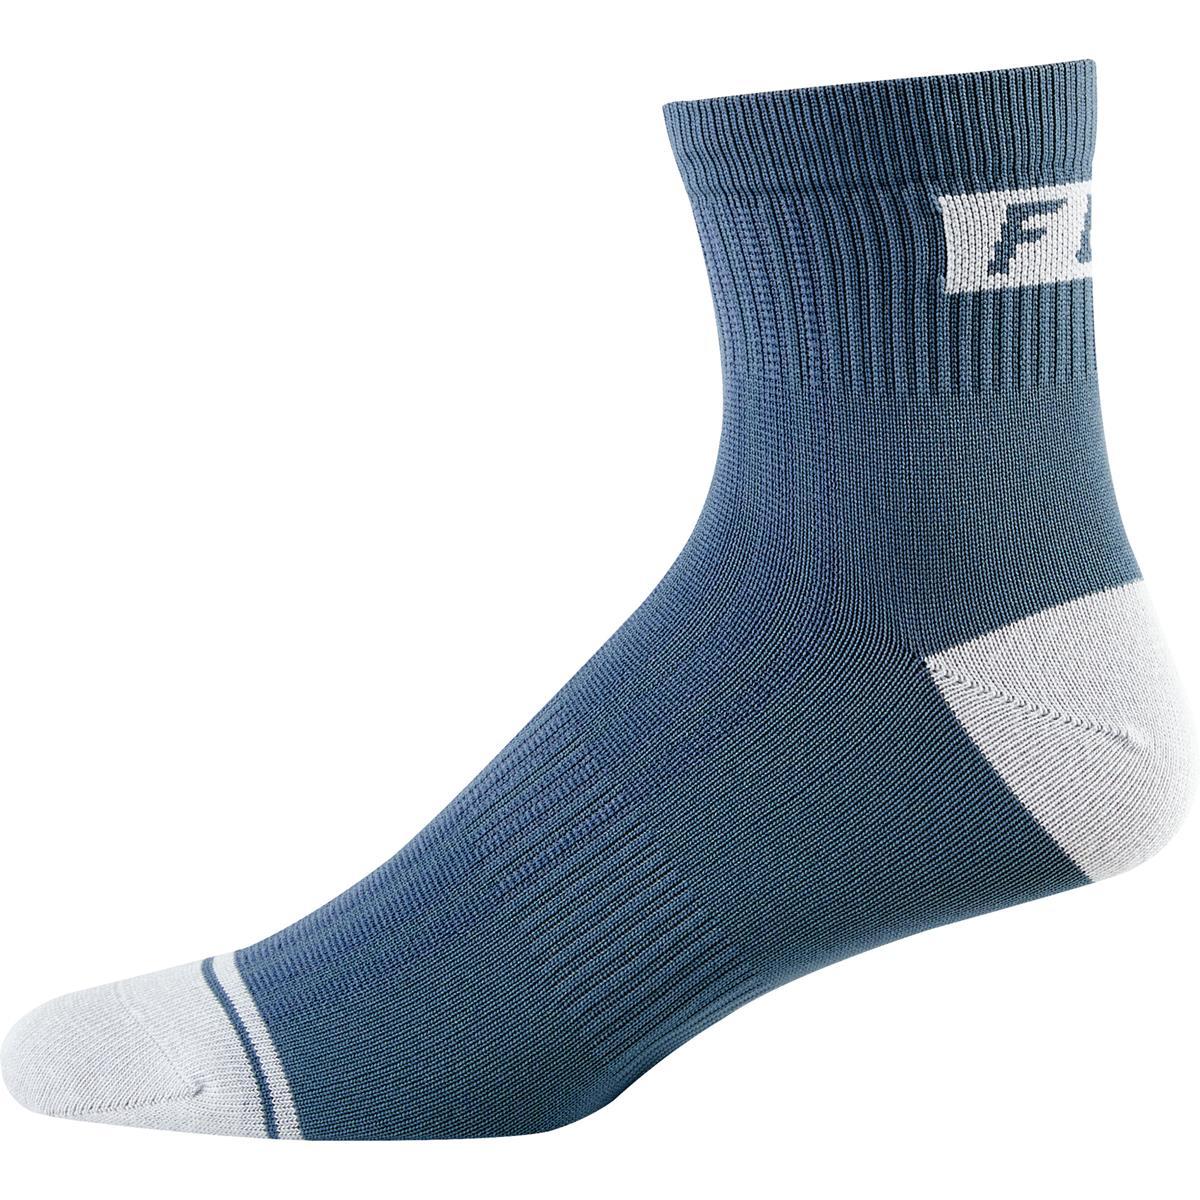 Fox Socken 4 Inch Trail Midnight